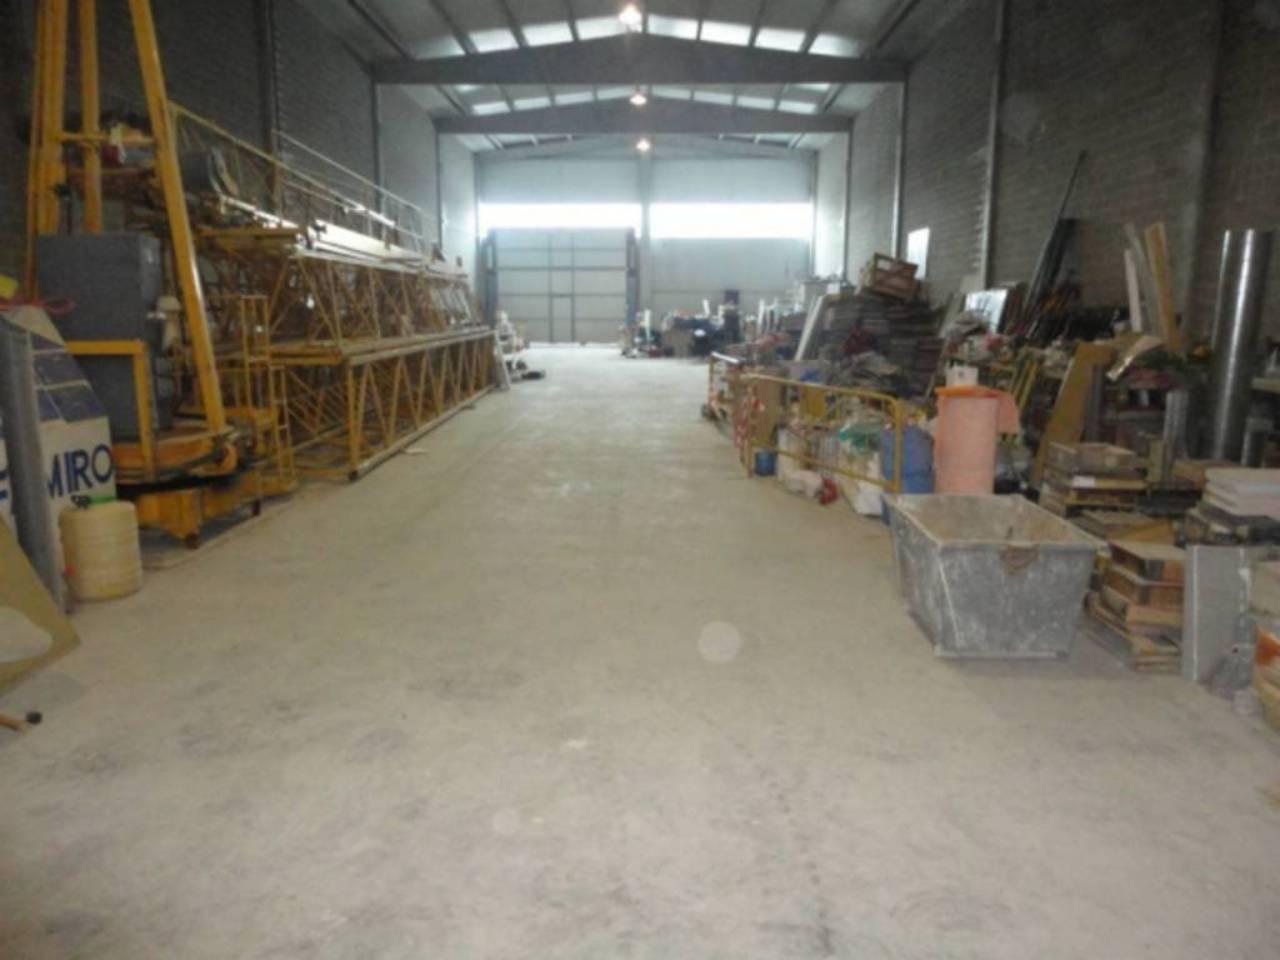 Alquiler Nave industrial  Poligono industrial camí dels frares c. Polig. cami del frares, superf. 1000 m², útil 1000 m²,  1 aseo,